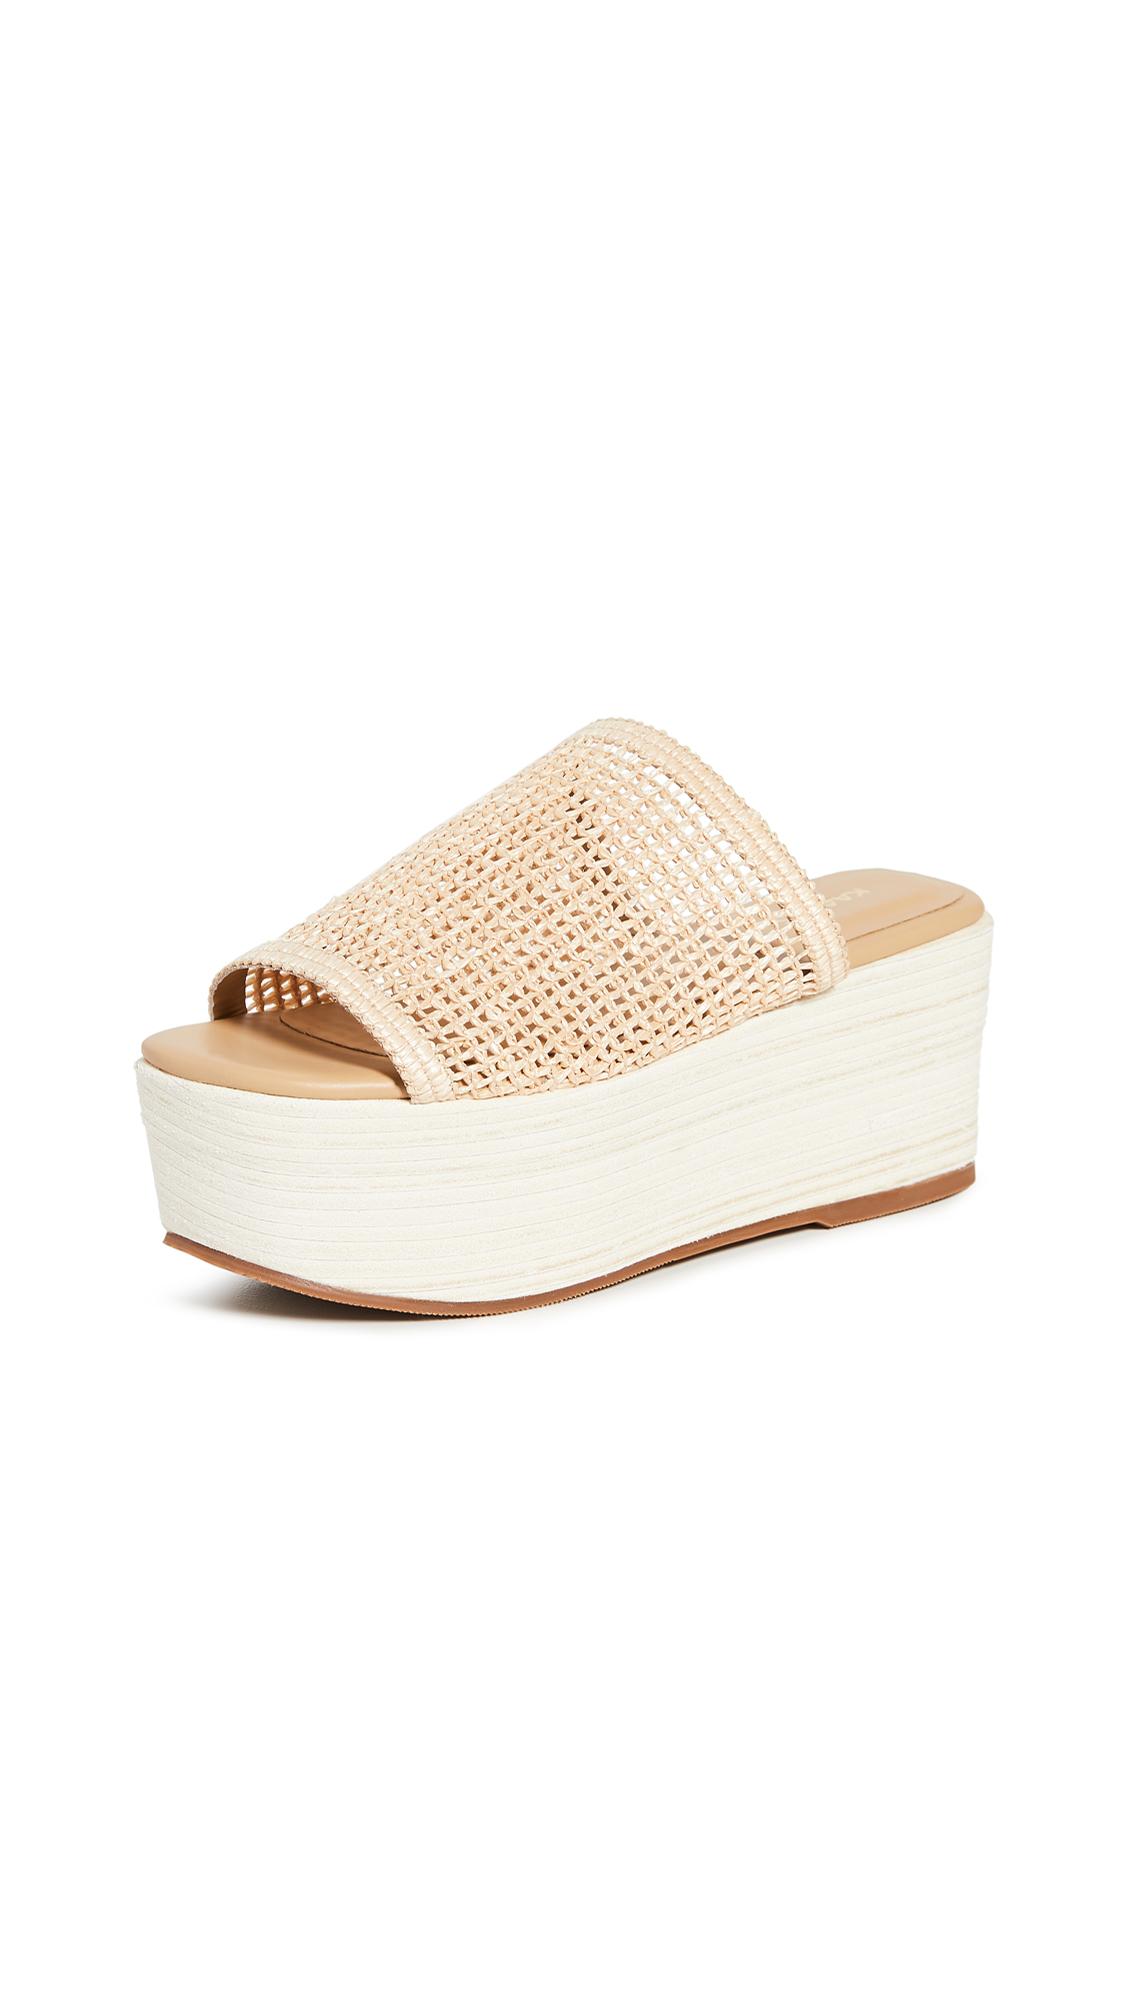 Buy KAANAS Barbados Fishnet Wedge Sandals online, shop KAANAS